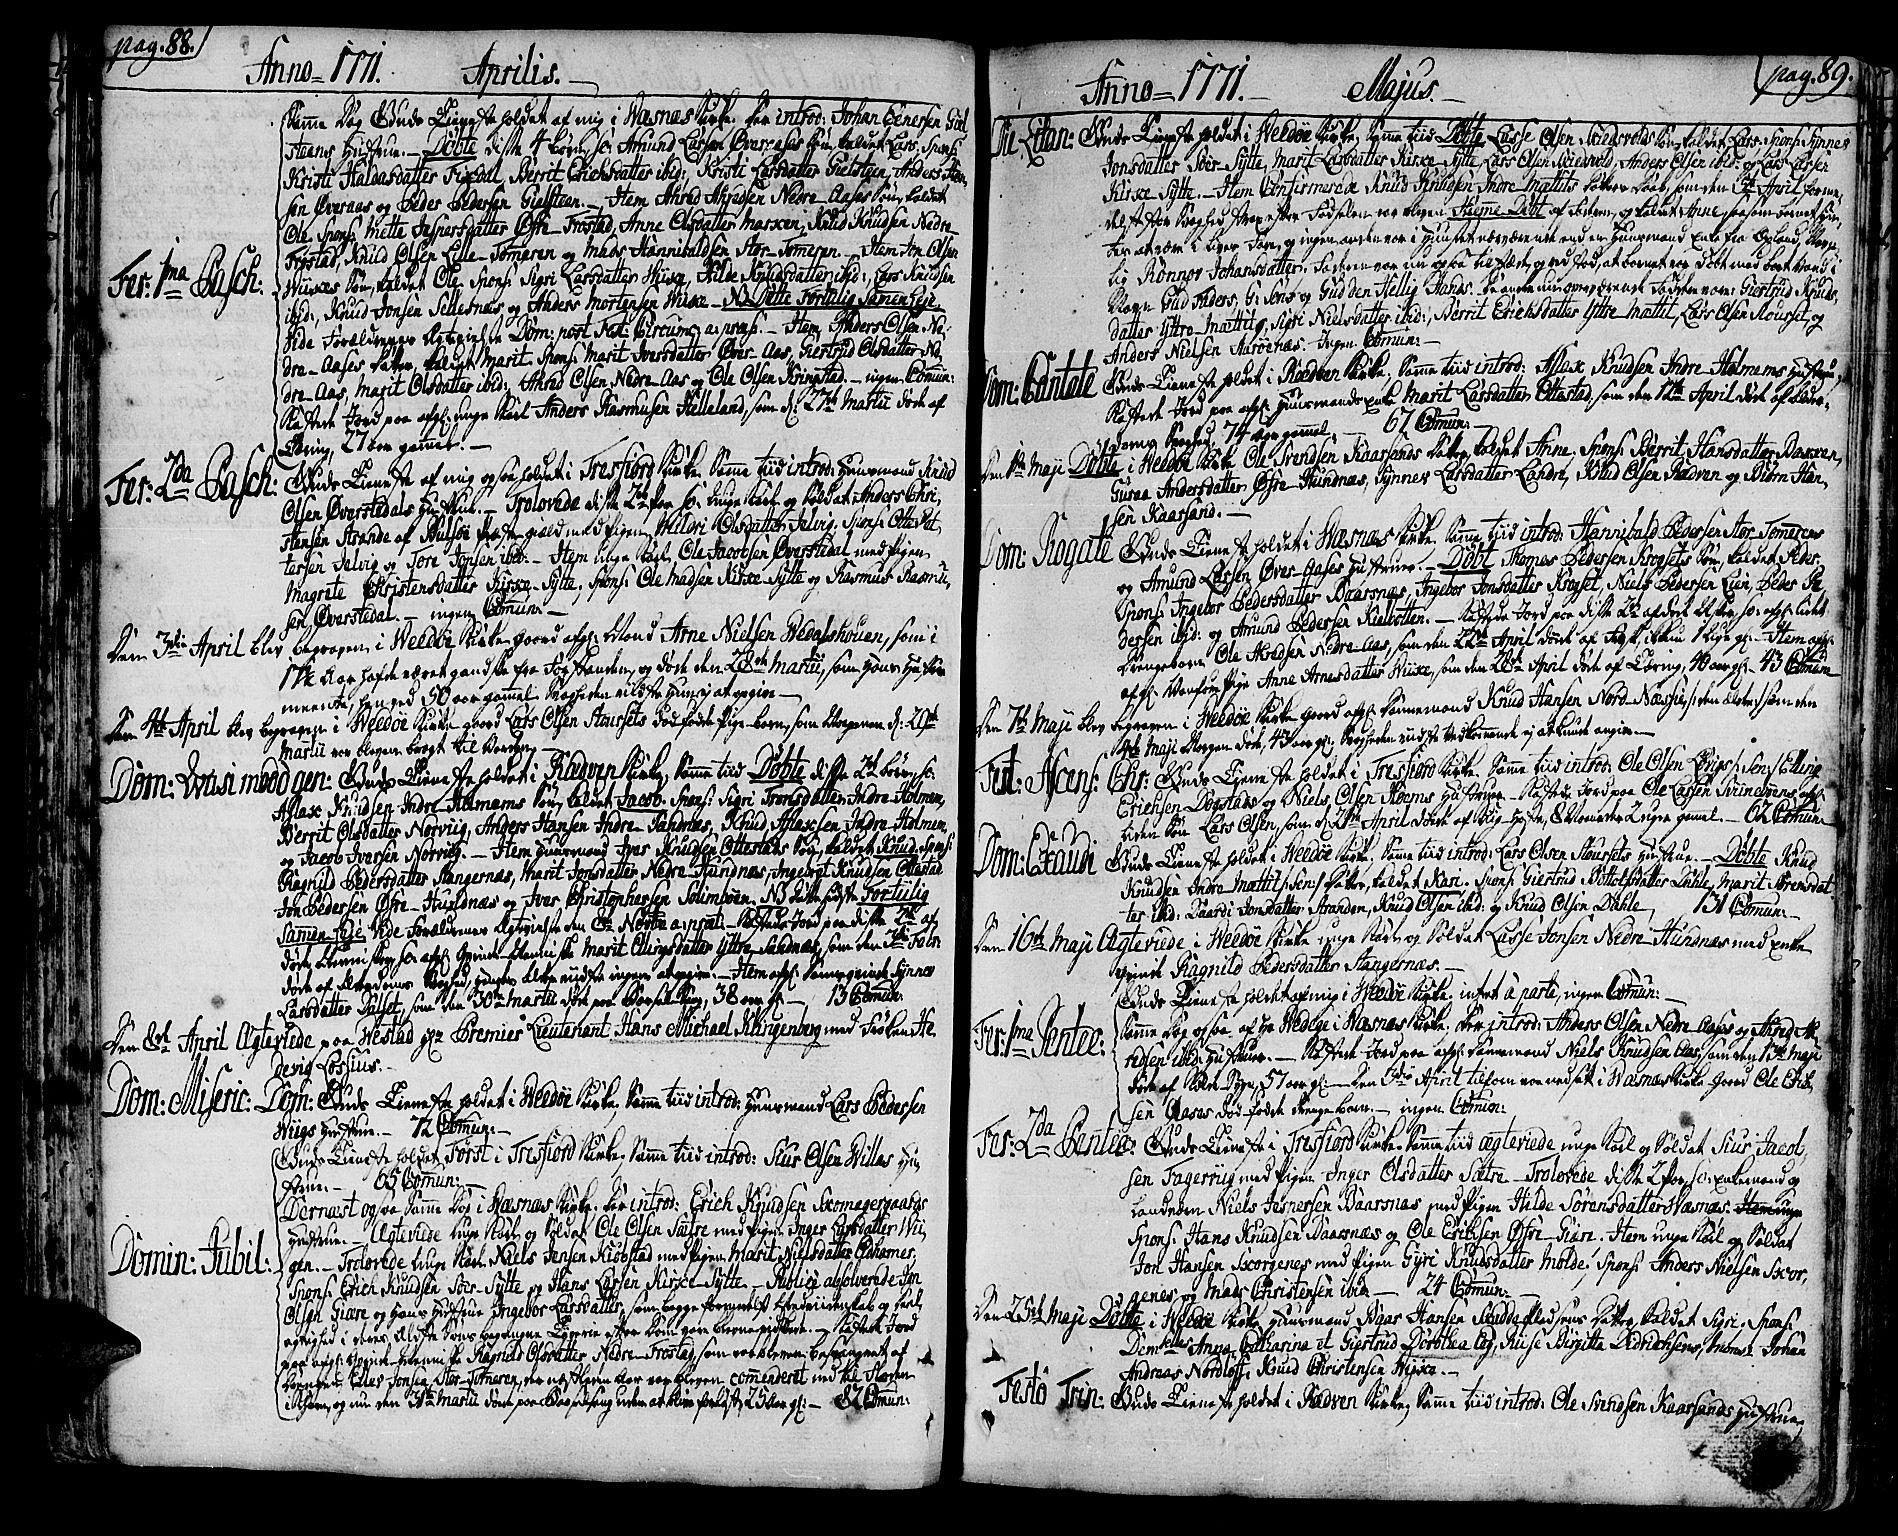 SAT, Ministerialprotokoller, klokkerbøker og fødselsregistre - Møre og Romsdal, 547/L0600: Ministerialbok nr. 547A02, 1765-1799, s. 88-89